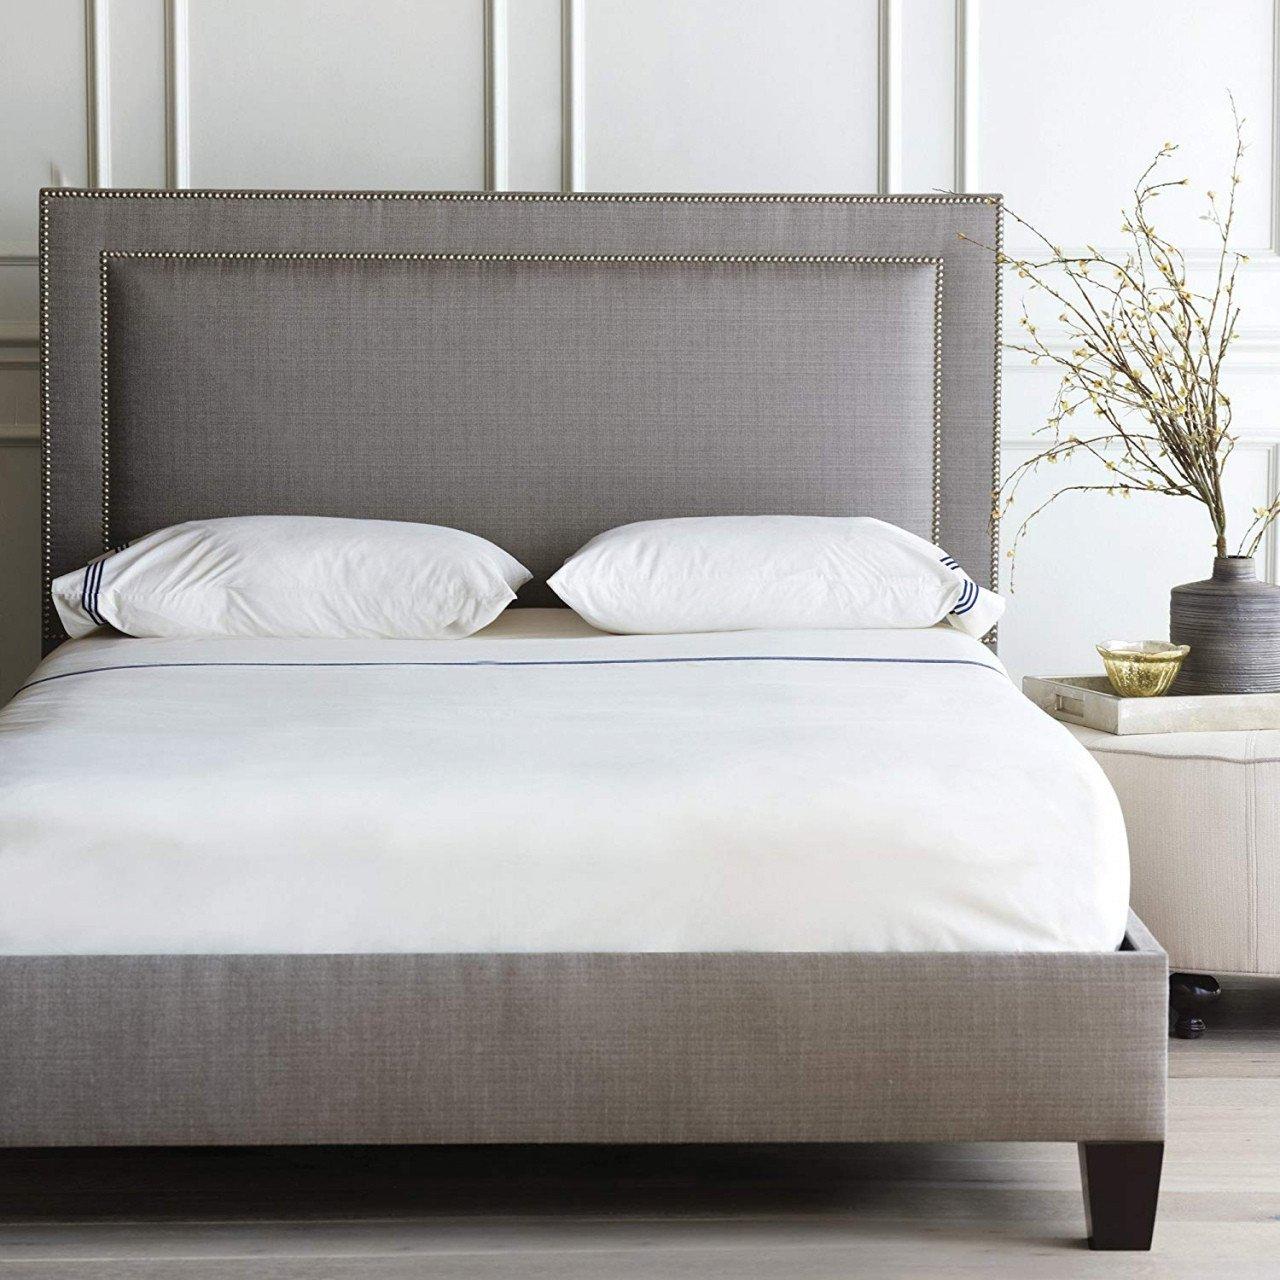 King Size Bedroom Suit Fresh Platform Metal Bed Frame — Procura Home Blog